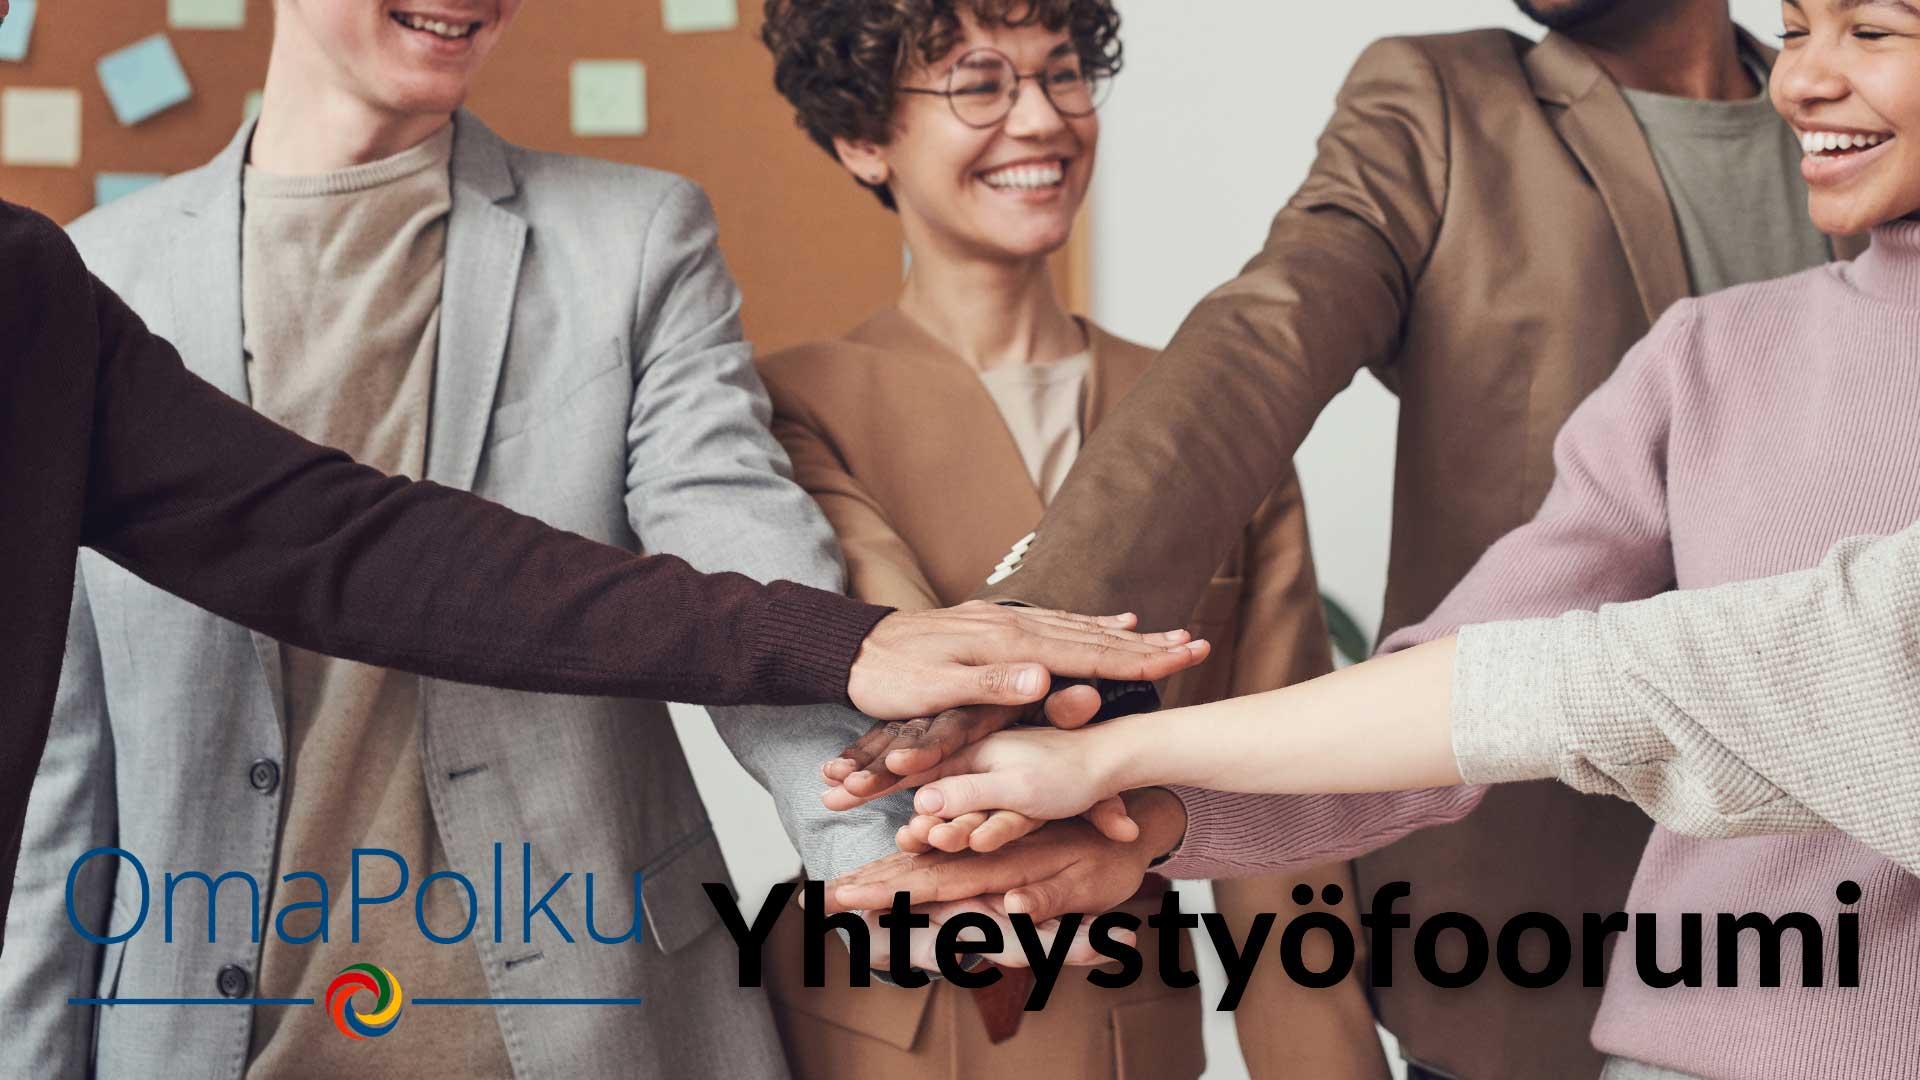 Hymyileviä ihmisiä joiden kädet on keskellä päällekkäin, kuvassa on OmaPolku-logo ja lukee yhteistyöfoorumi.